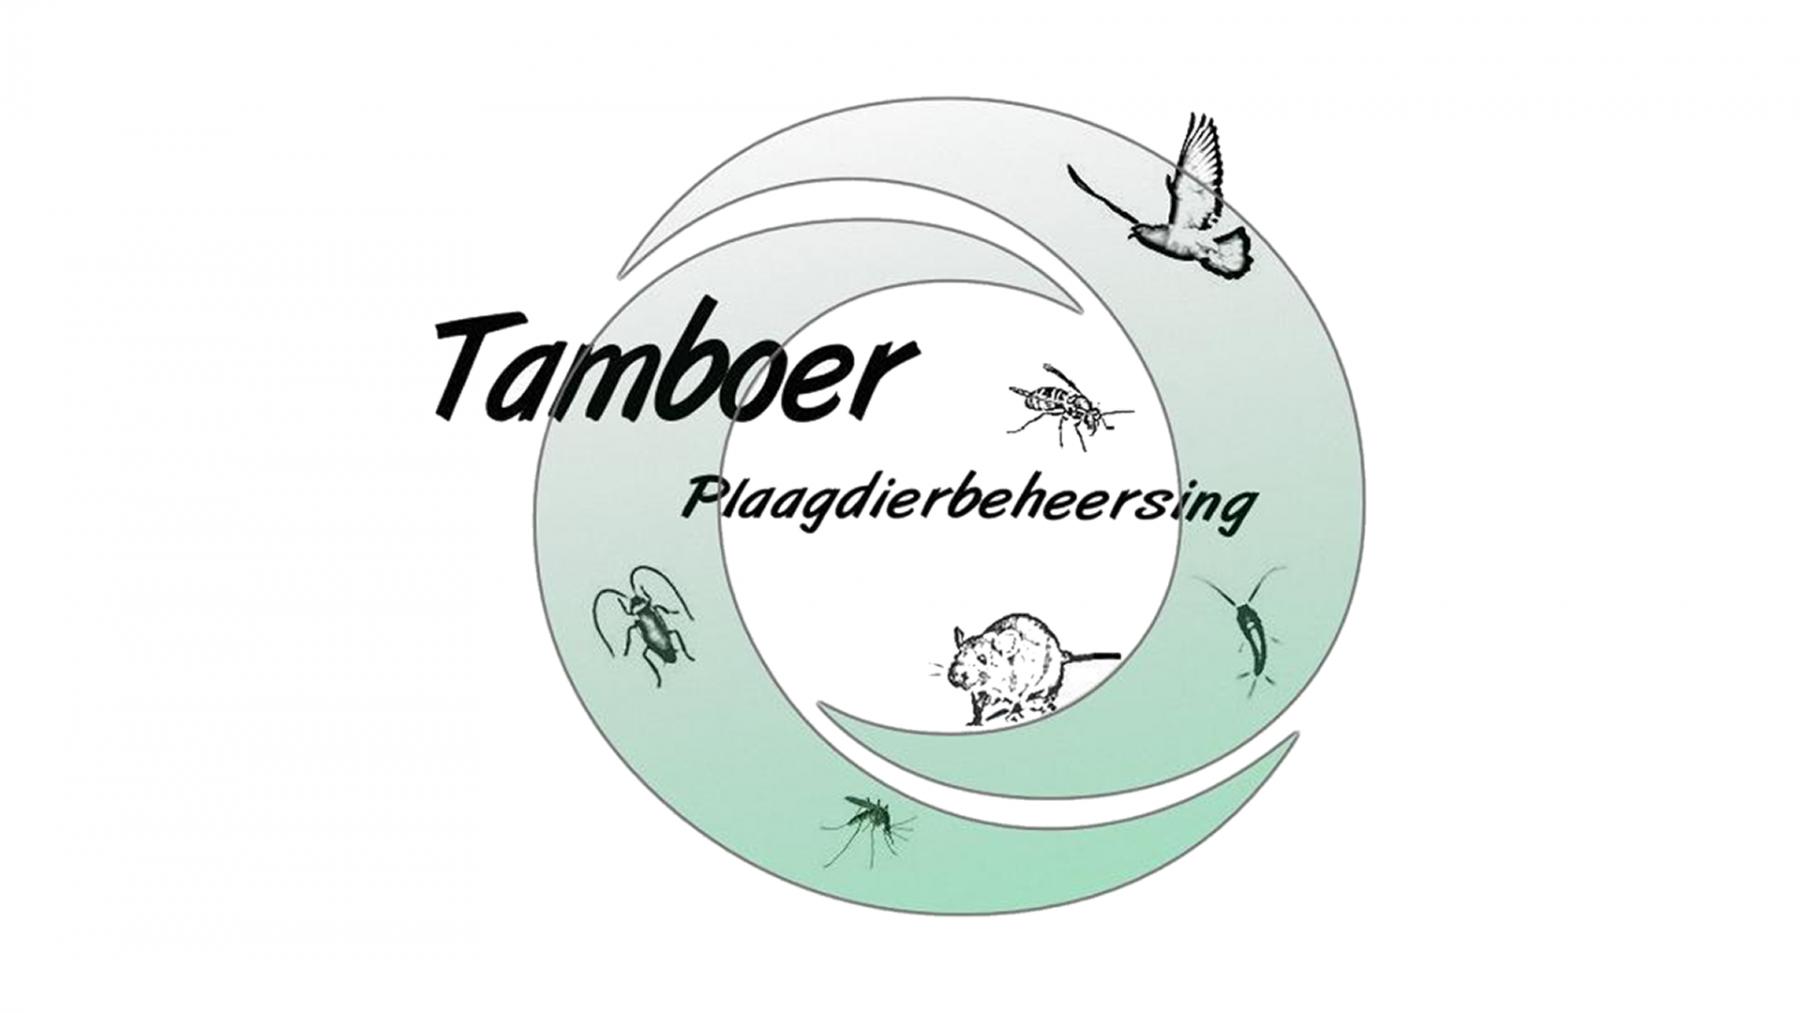 Tamboer.fw_